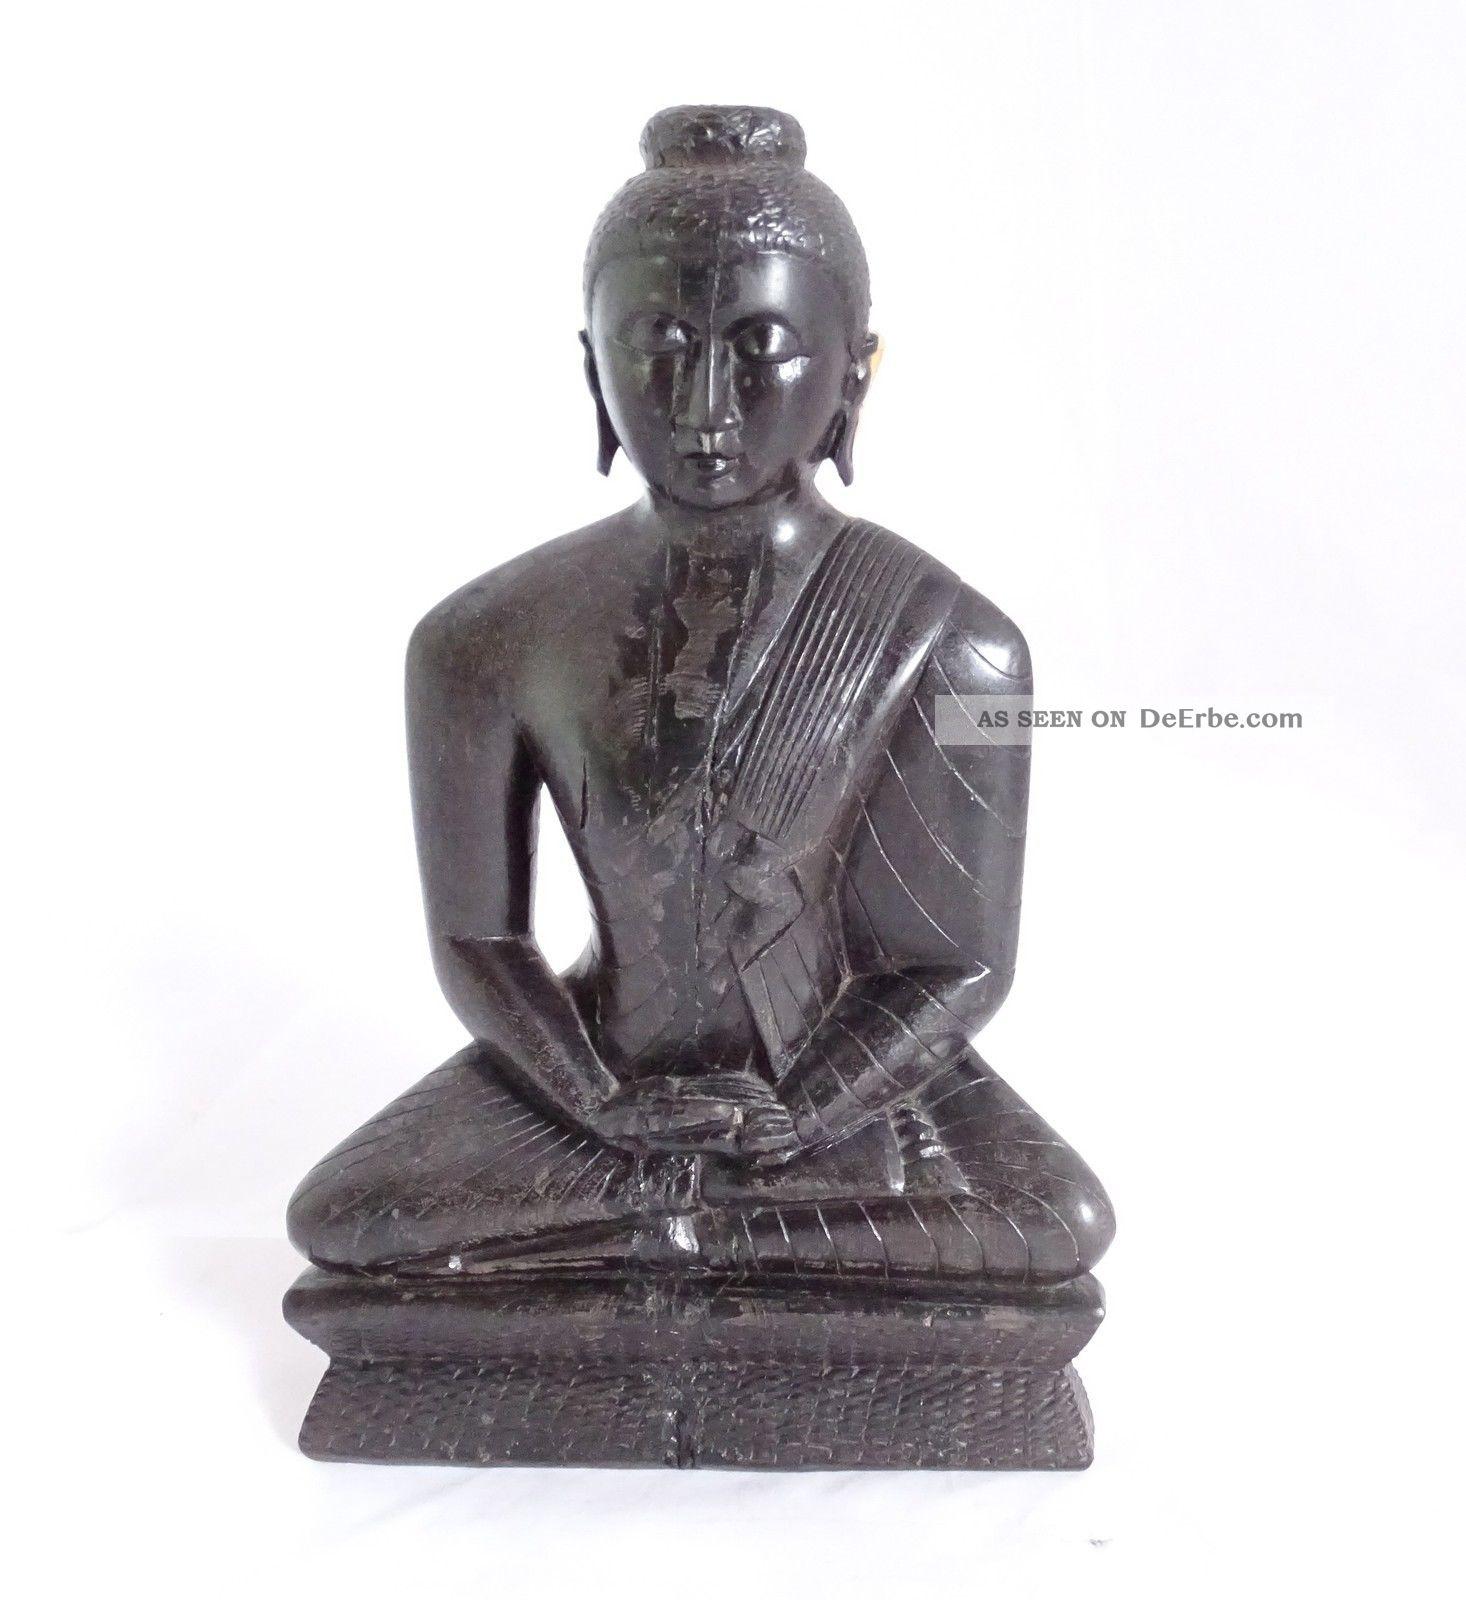 Sehr Schwere Wohl Ebenholz Figur Indisch Ganesha Shiva Hanuman Radha Krishna Entstehungszeit nach 1945 Bild